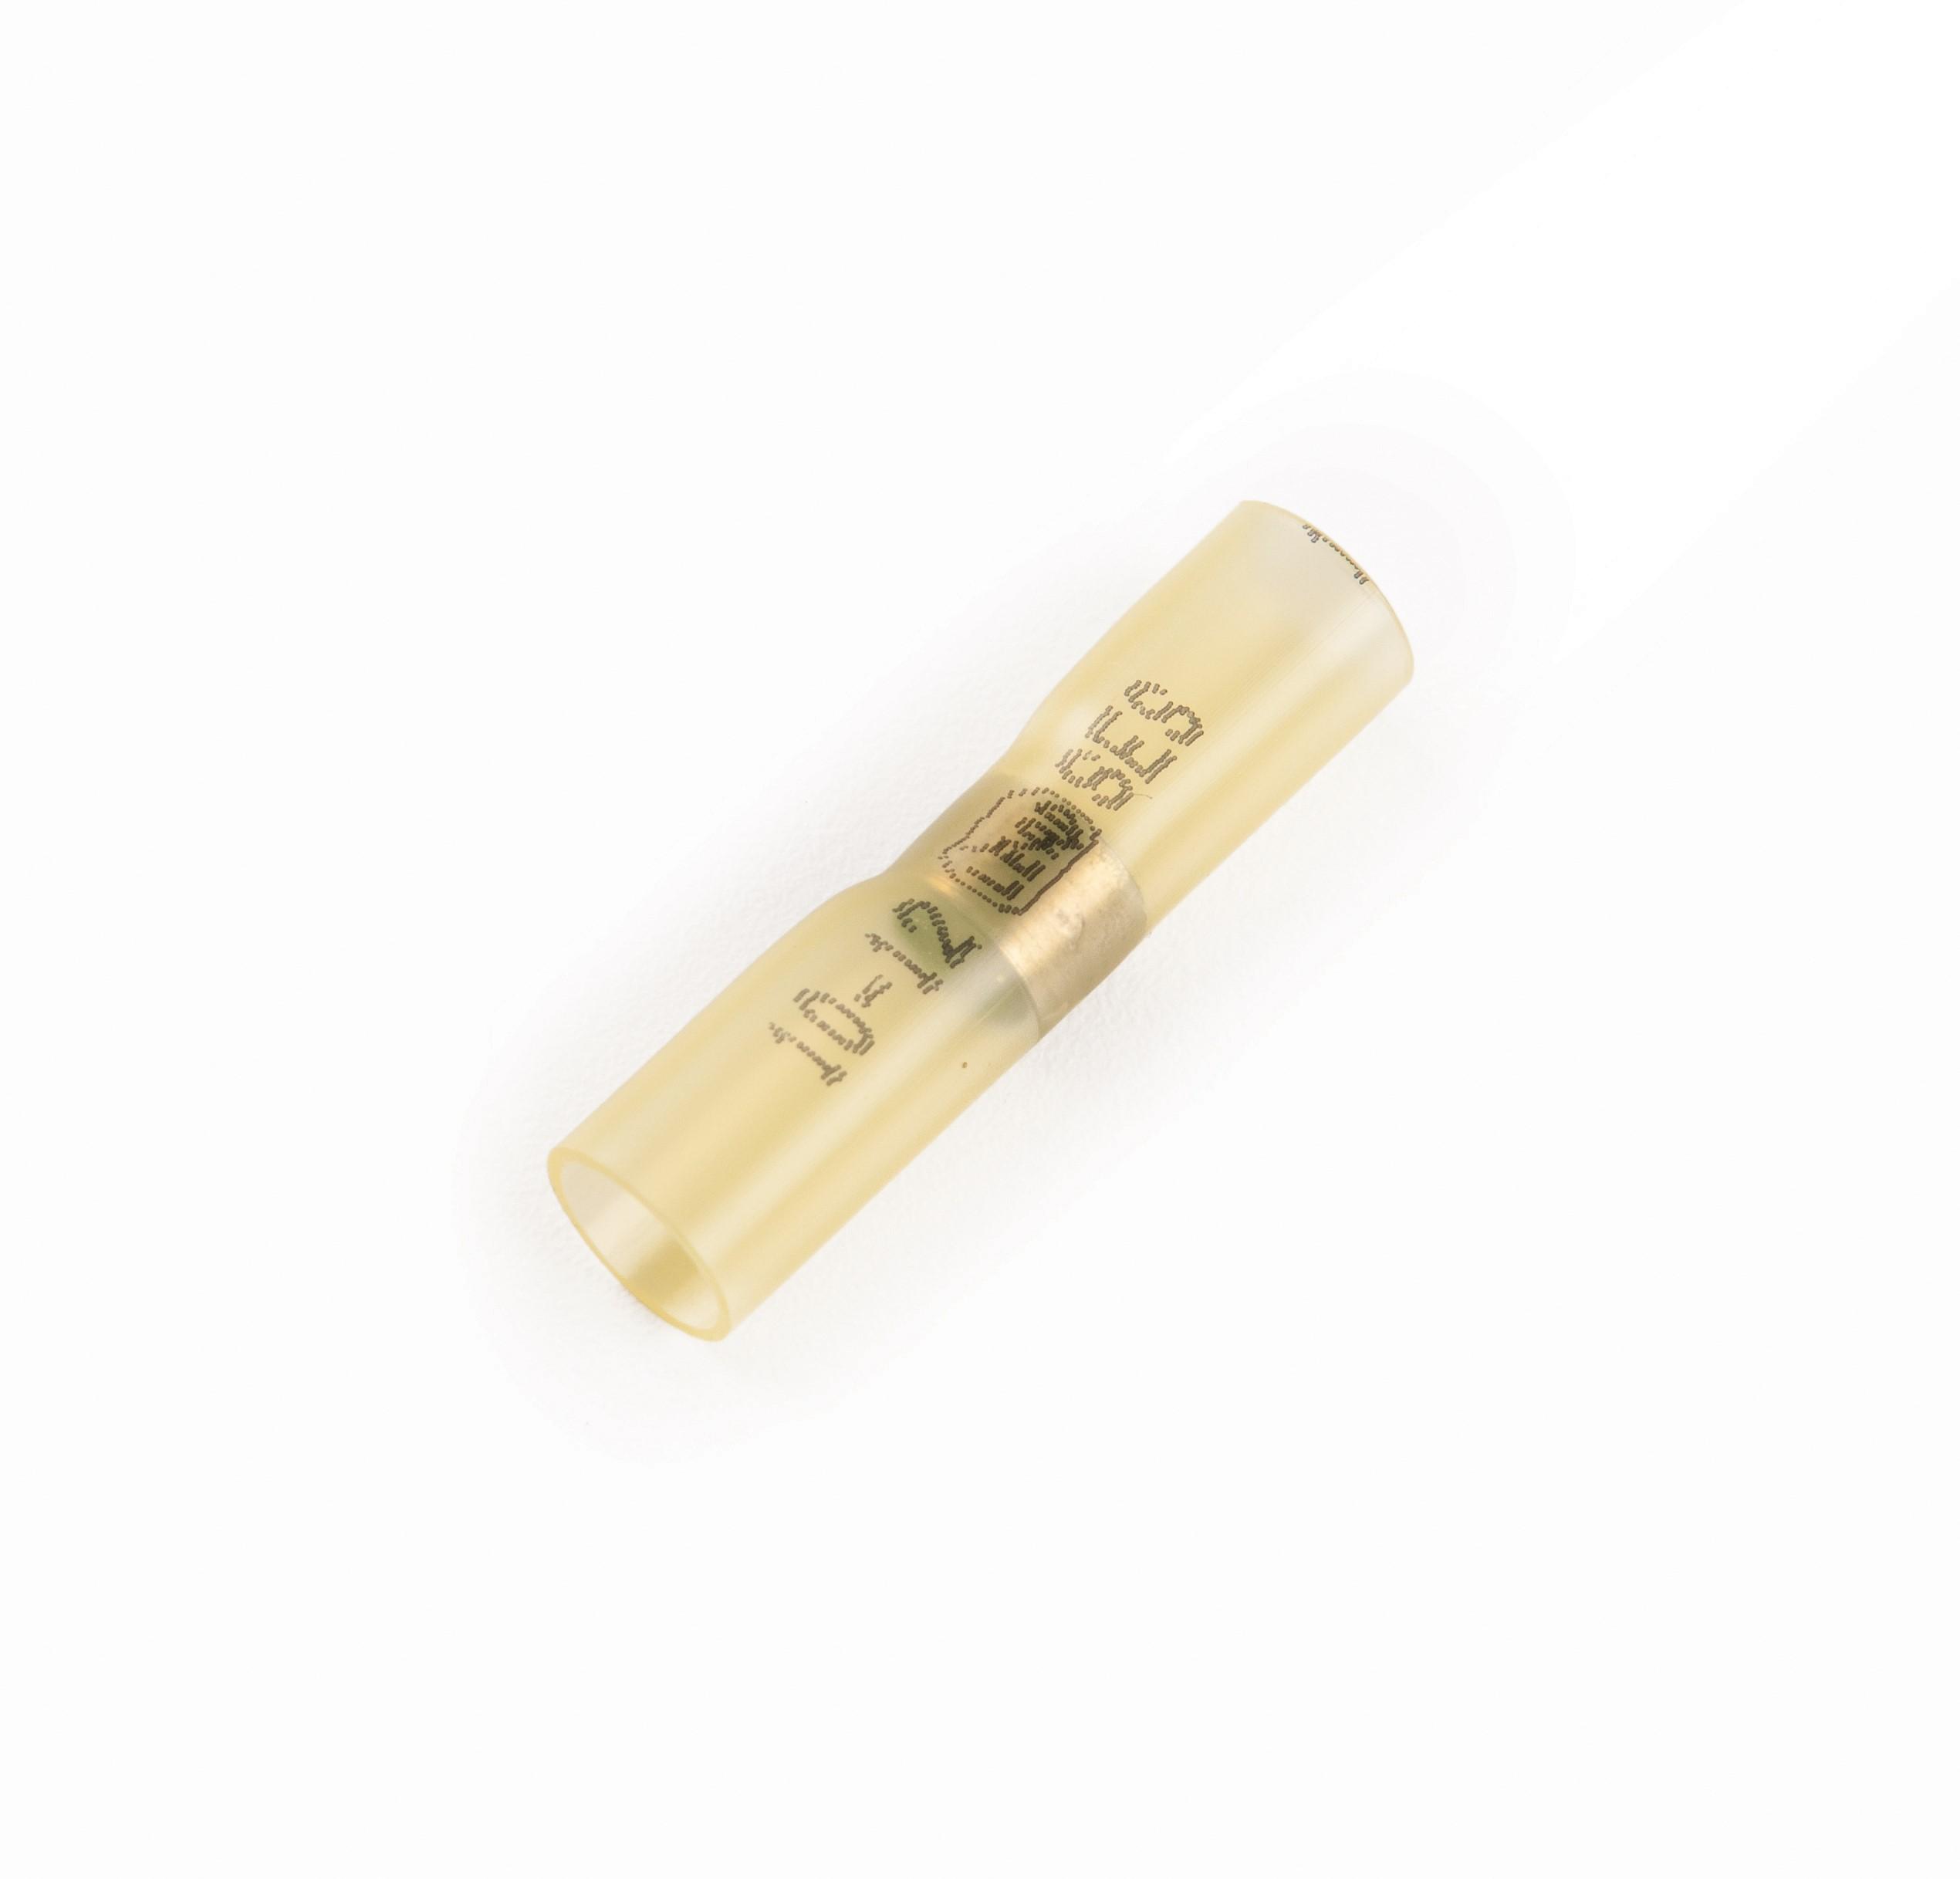 88-2612 – Heat Shrink & Solder Splice Connectors, 12 – 10 Gauge, 1000pk